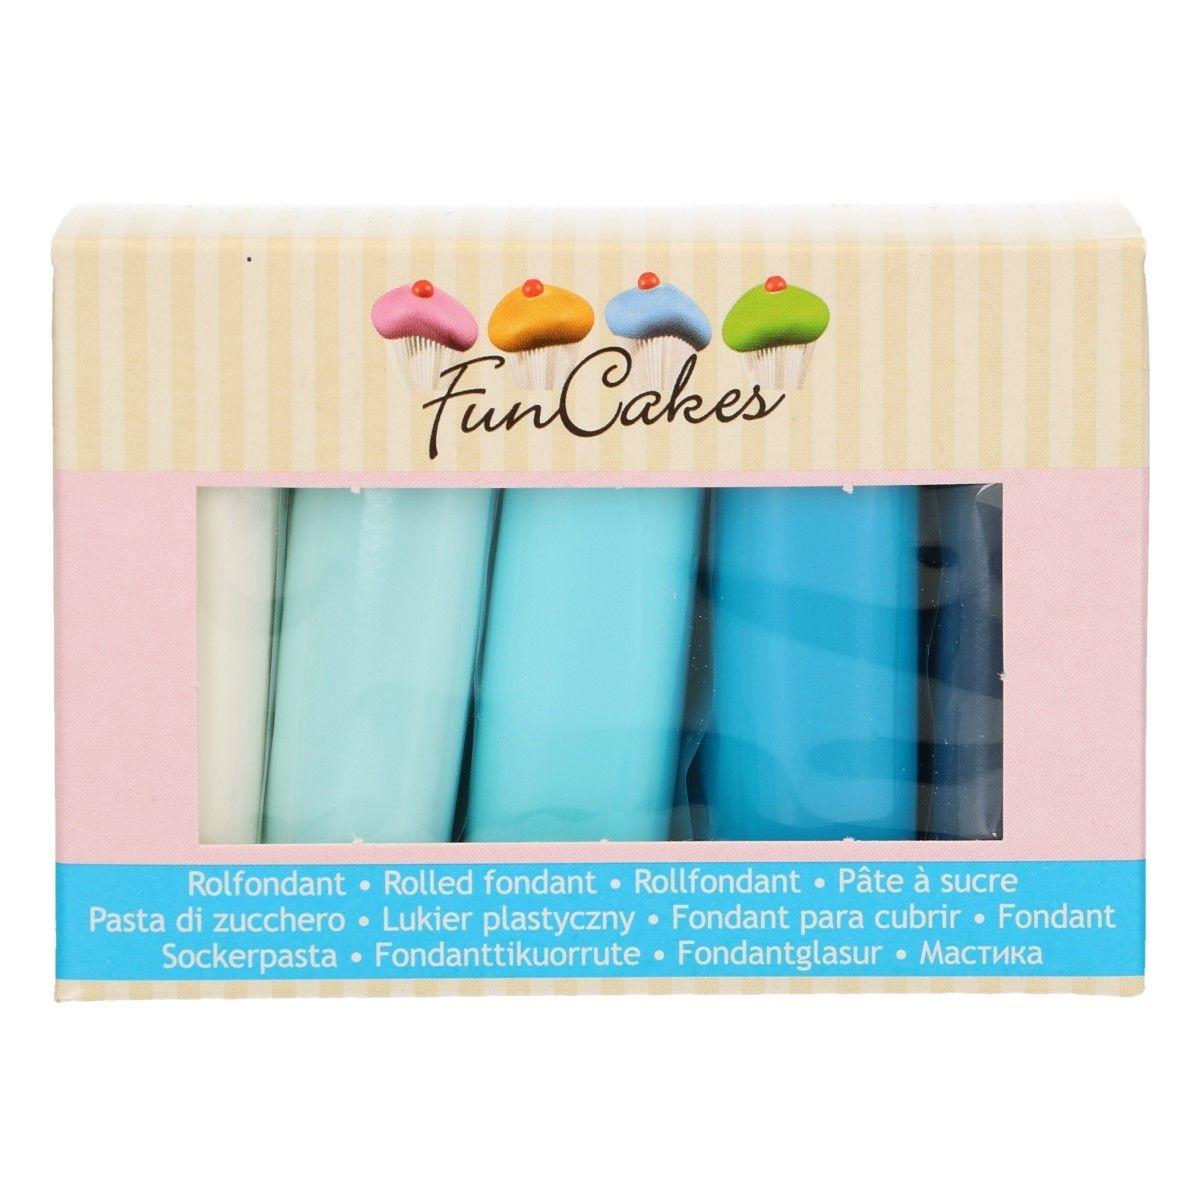 FunCakes Fondant Multipack Blue Colour Palette 5 x 100 g